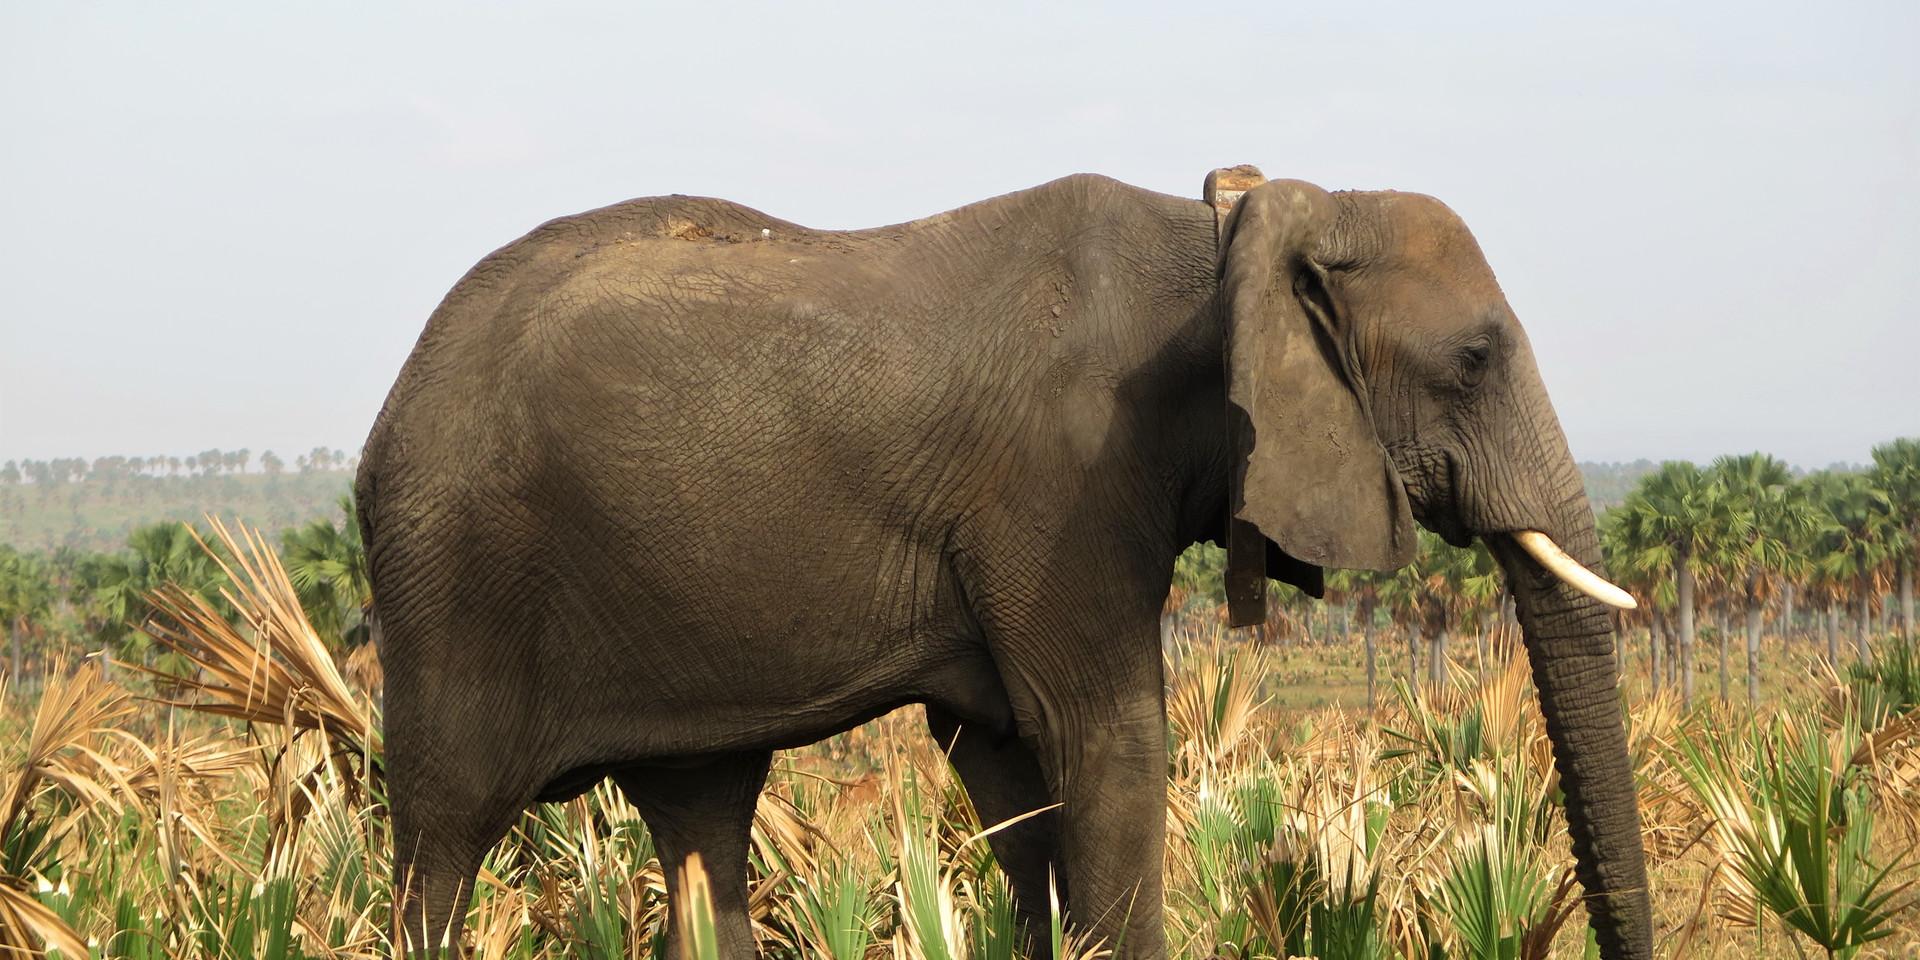 Big elephant in Murchison Falls, Uganda